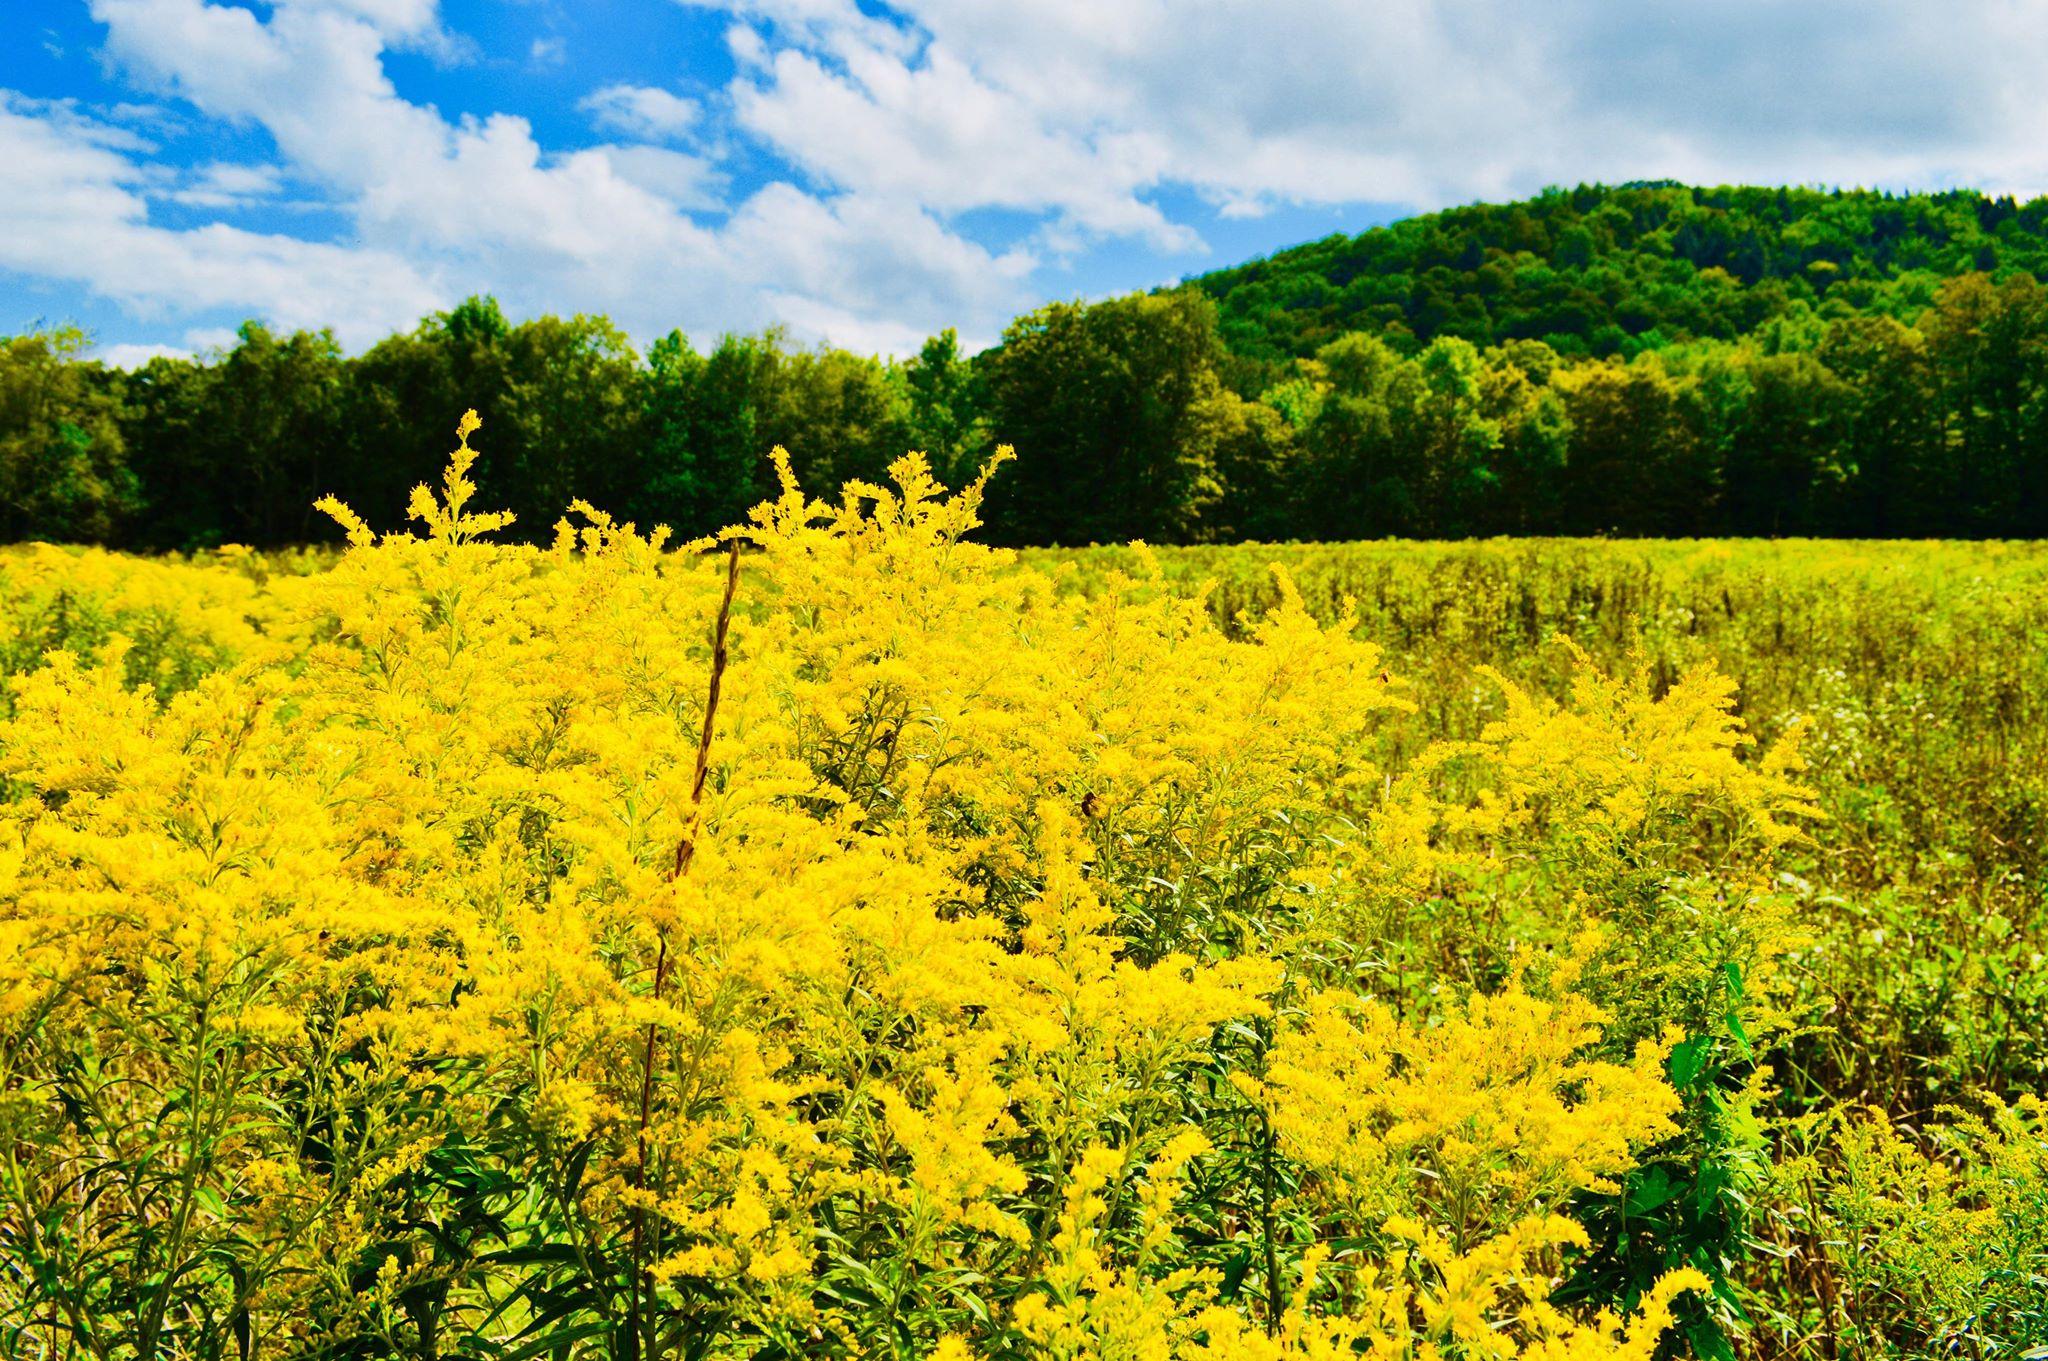 golden rod, summer, harvest, golden hour, seasonal eating, upstate new york, i love ny, summer harvest, modern homestead, autumn, seasonal living, plant based life, modern farmer